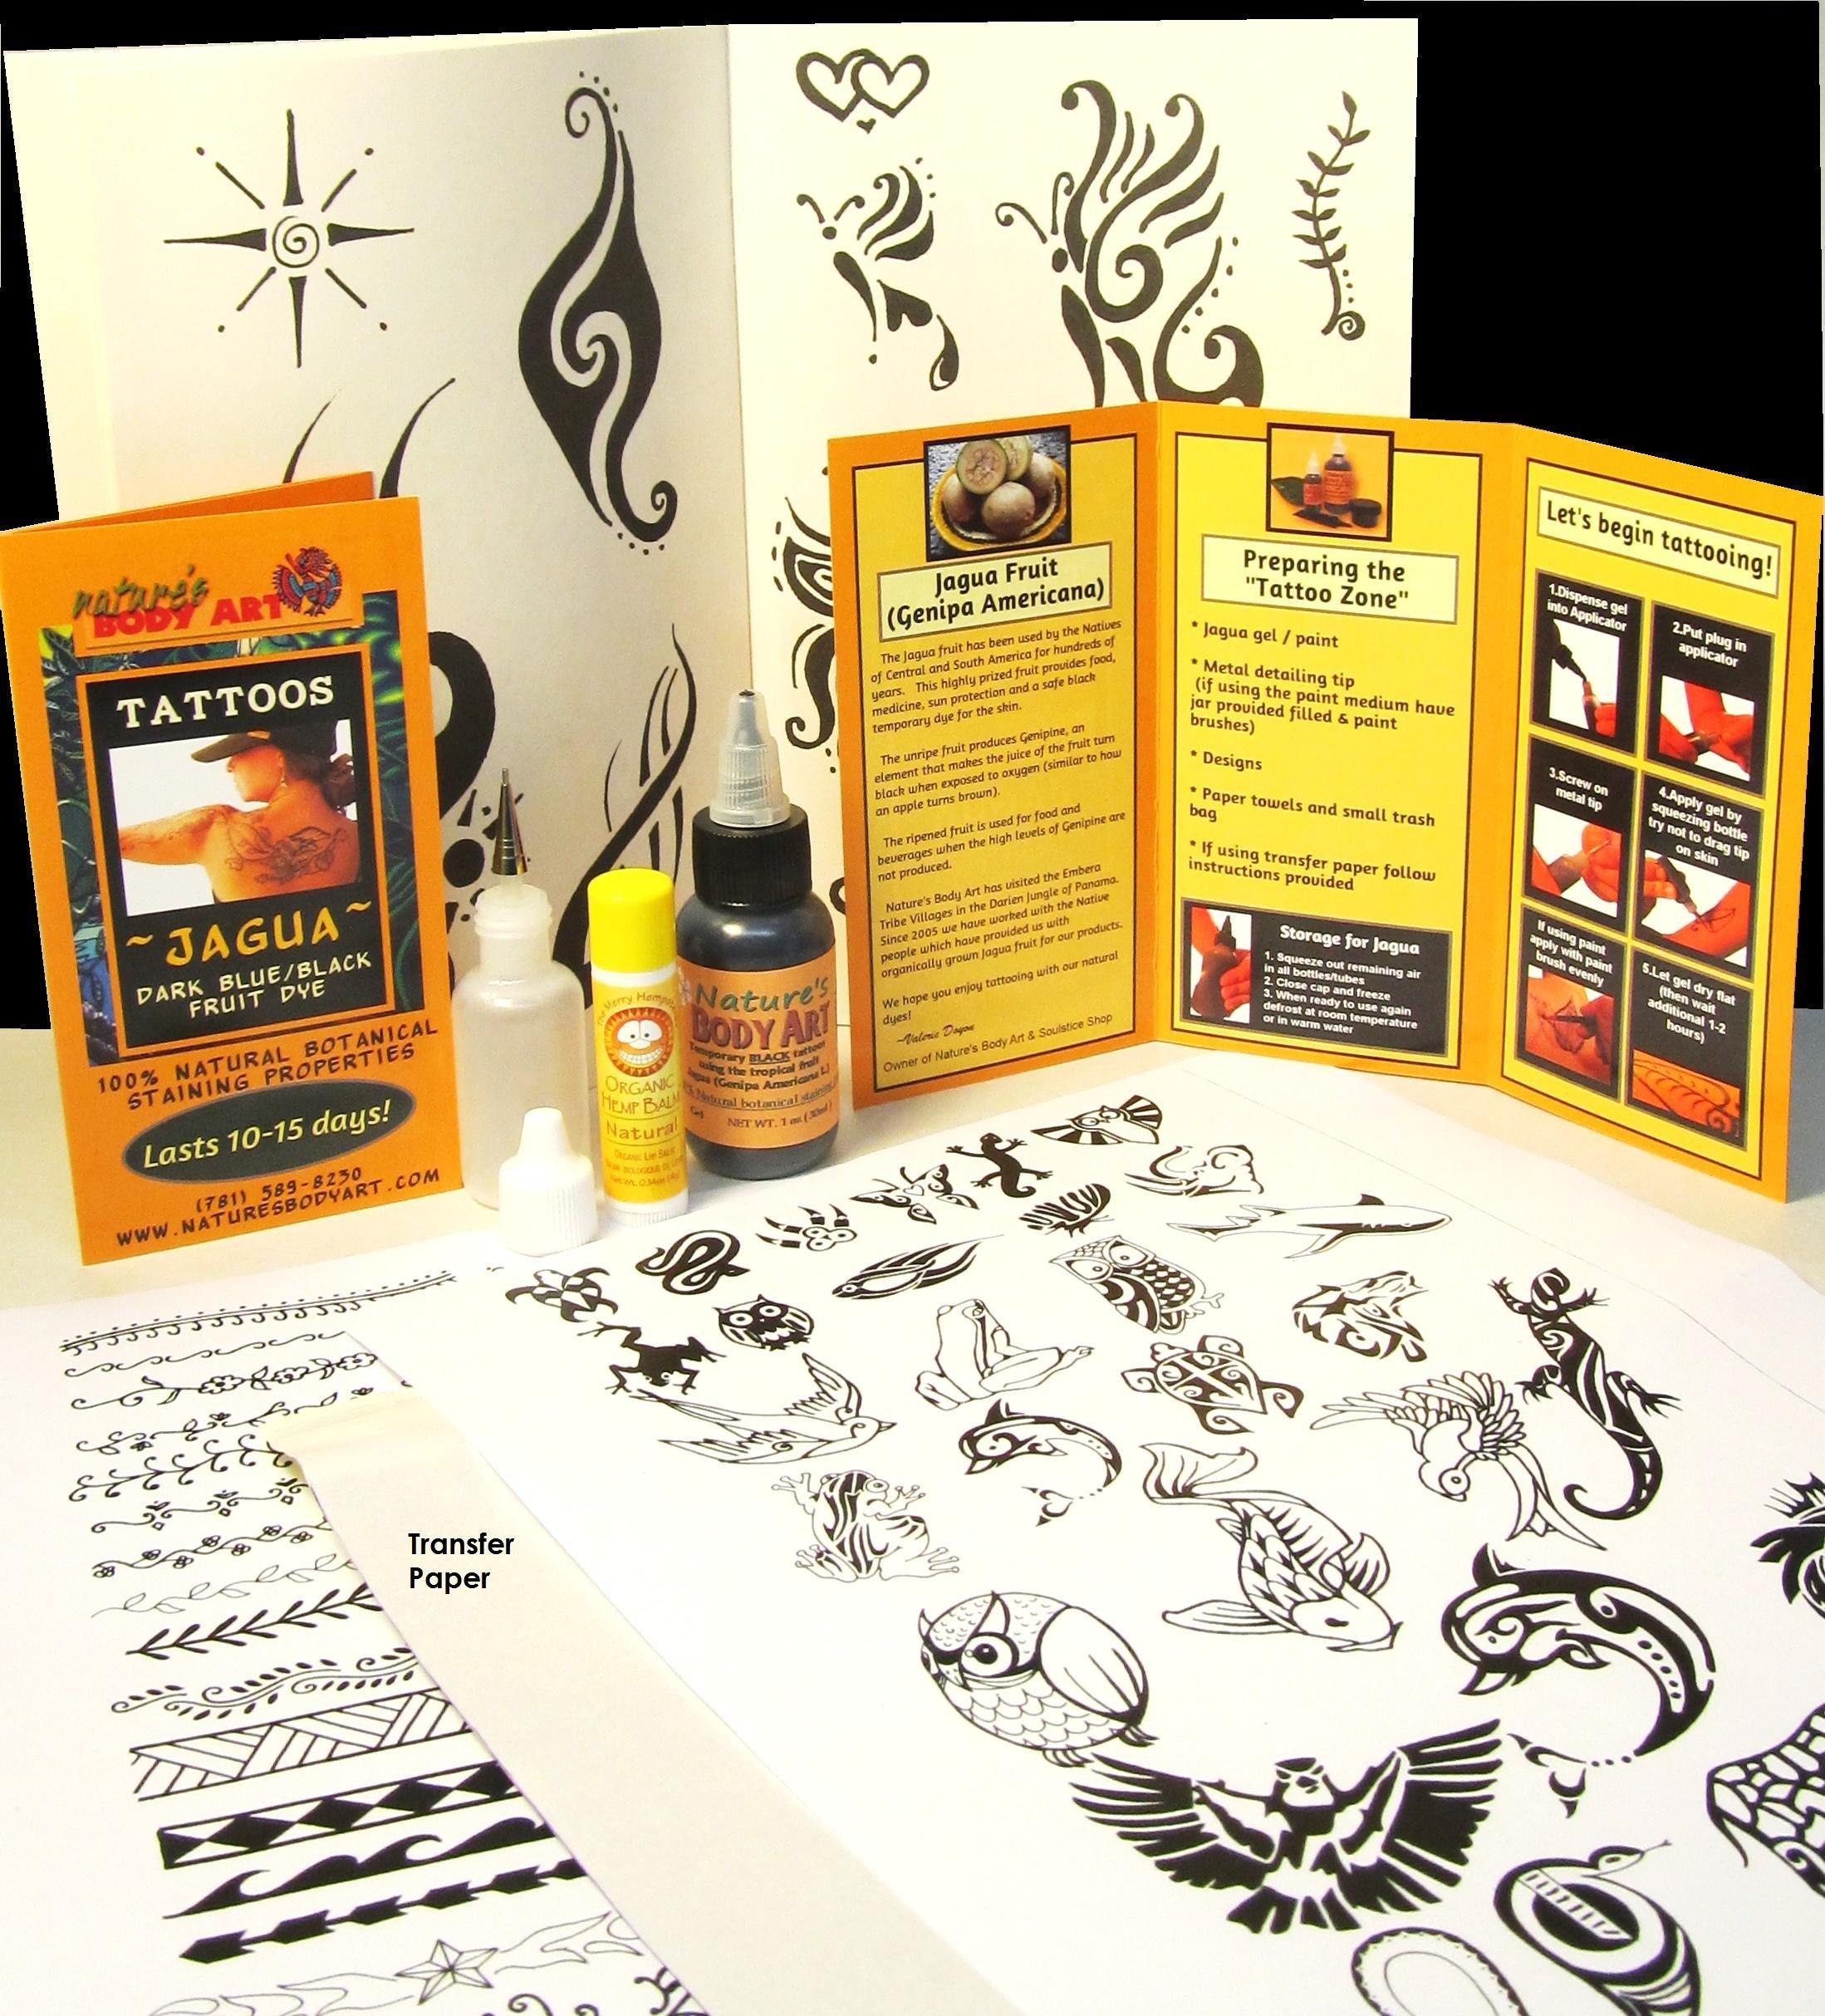 Henna Tattoo Kits: Amazon.com : Henna City All-Natural Jagua Tattoo Kit (1 OZ